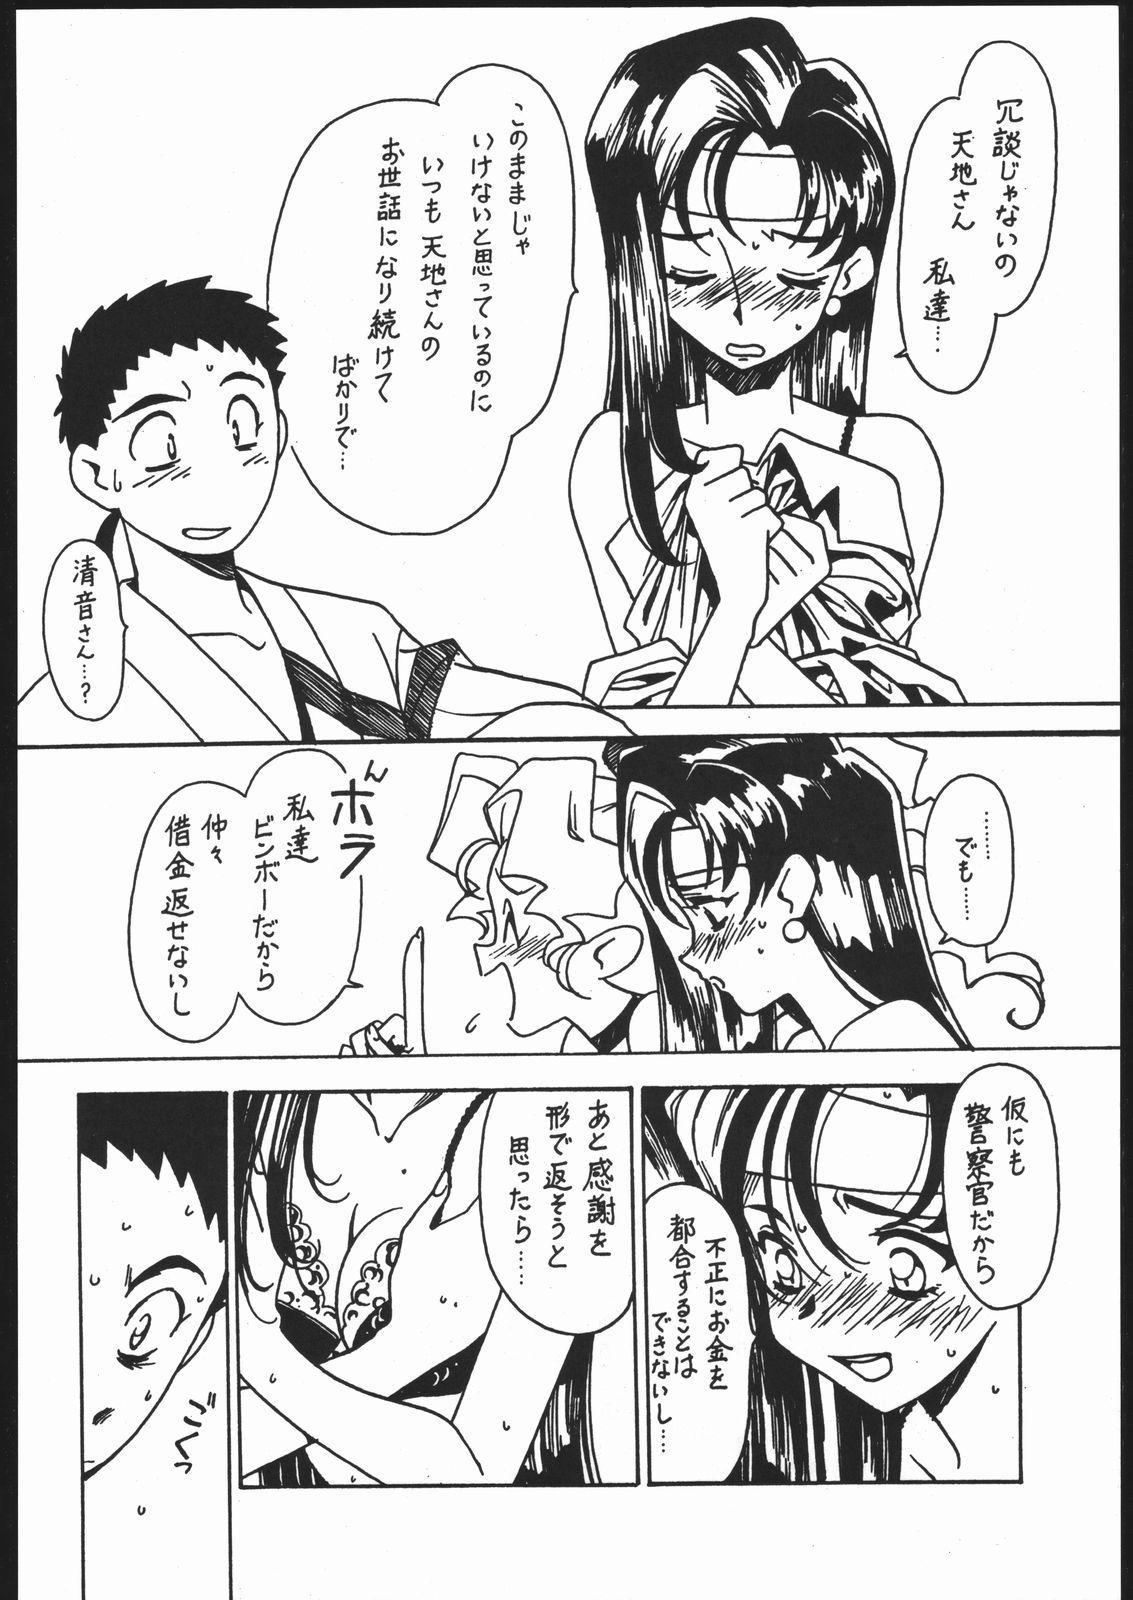 Kyouakuteki Shidou Vol. 11 Junbigou Version 2 2